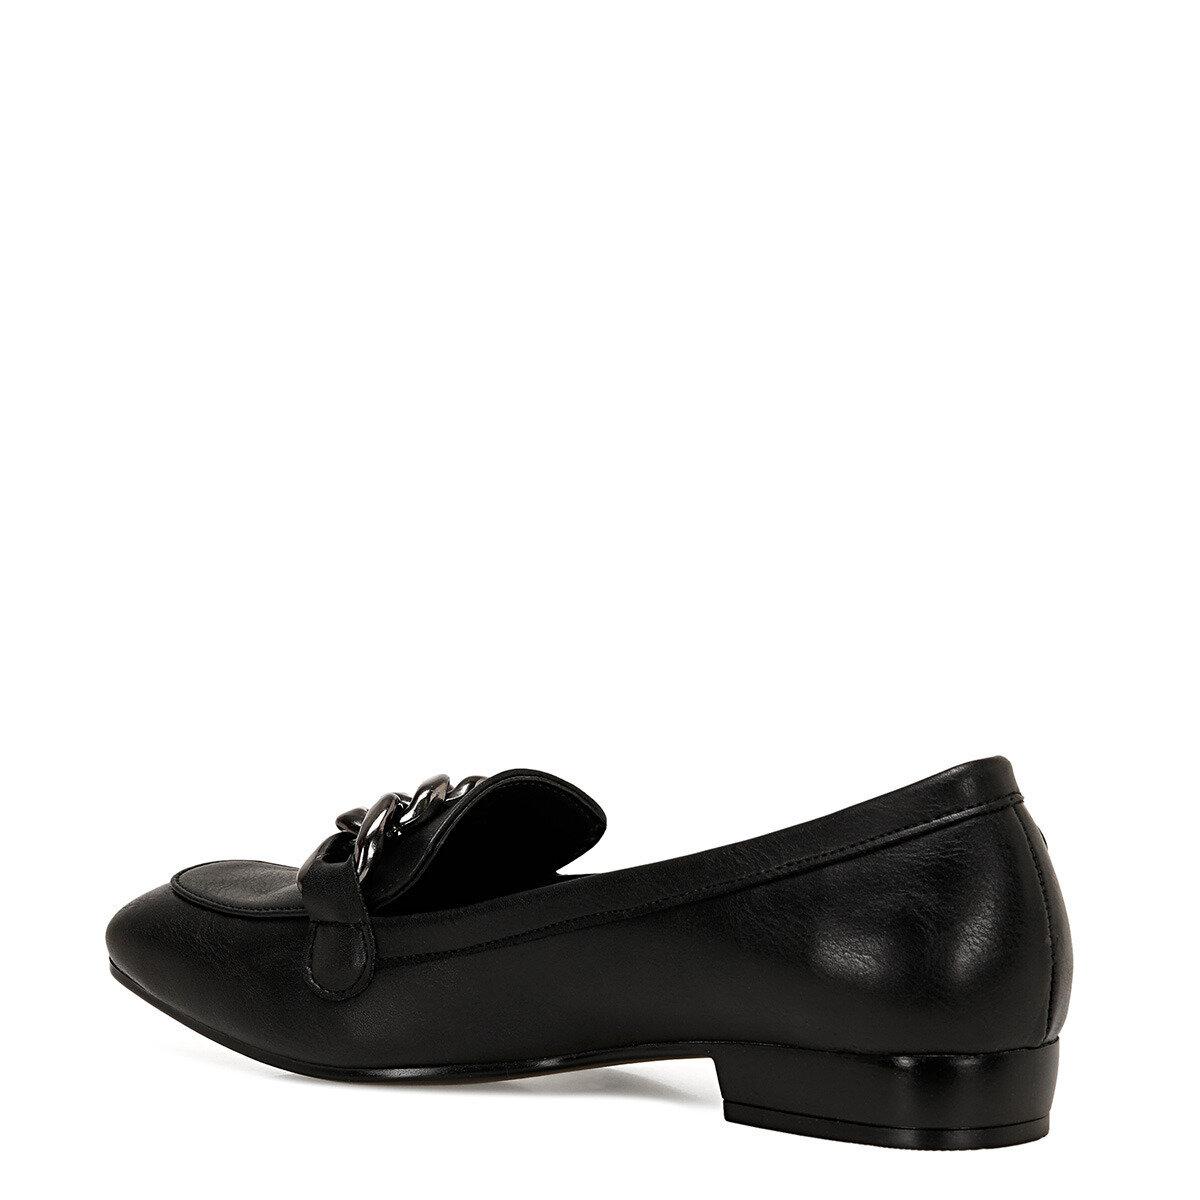 CROMA2 Siyah Kadın Loafer Ayakkabı